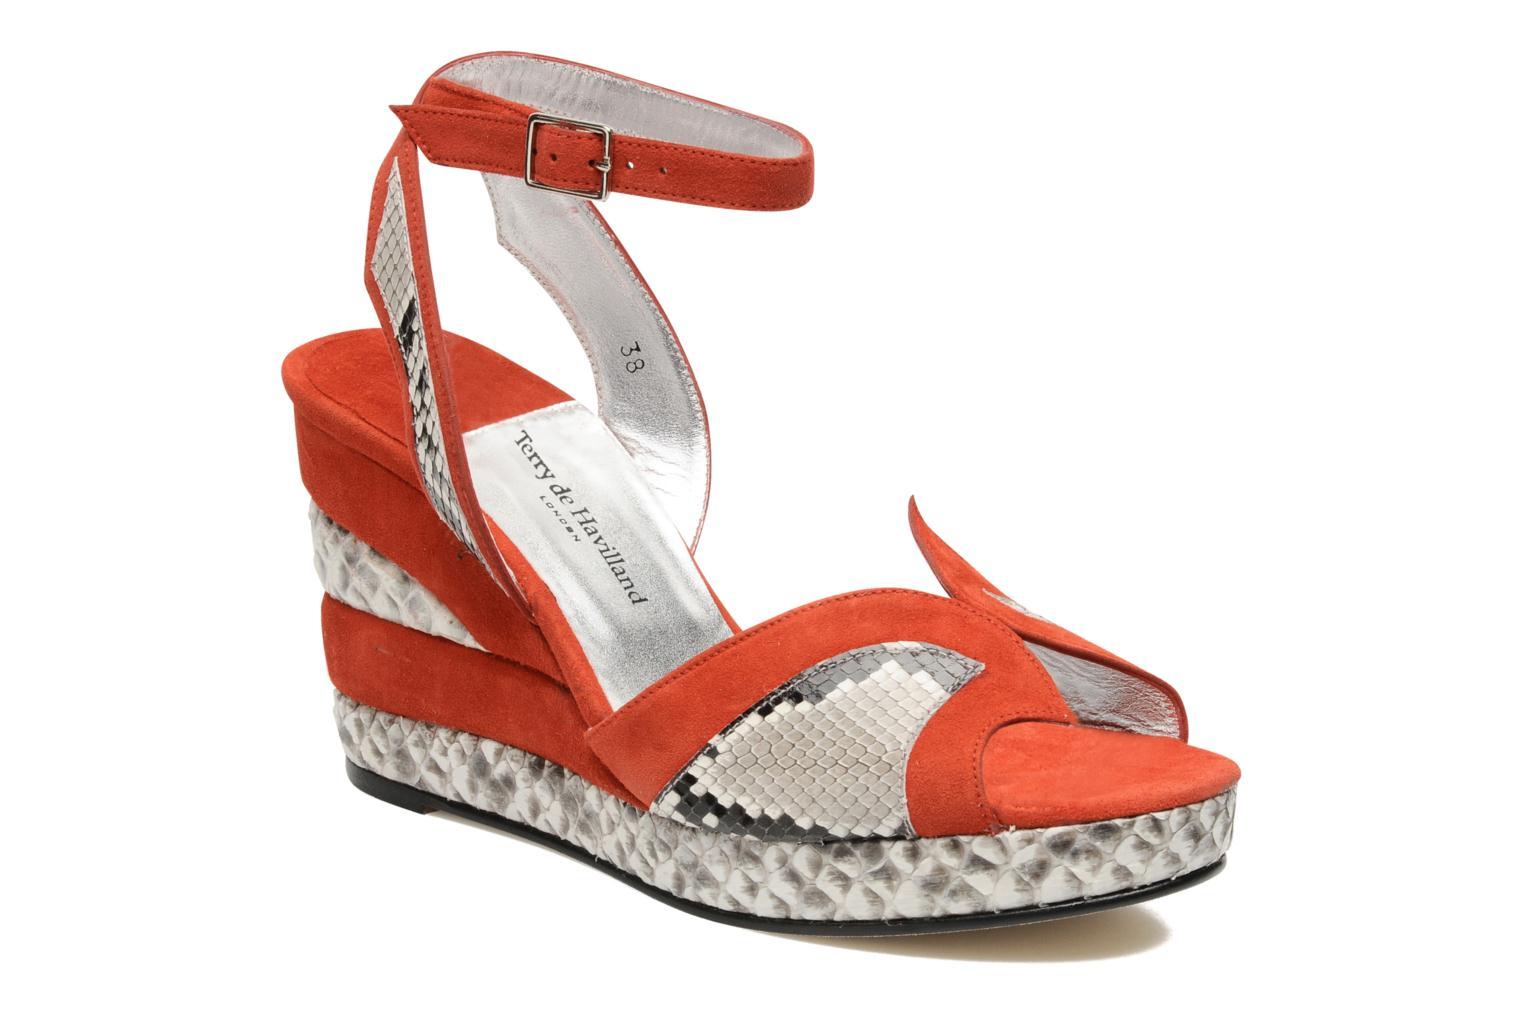 Grandes descuentos últimos zapatos Terry de Havilland SIMA 4 TIER (Rojo) - Sandalias Descuento